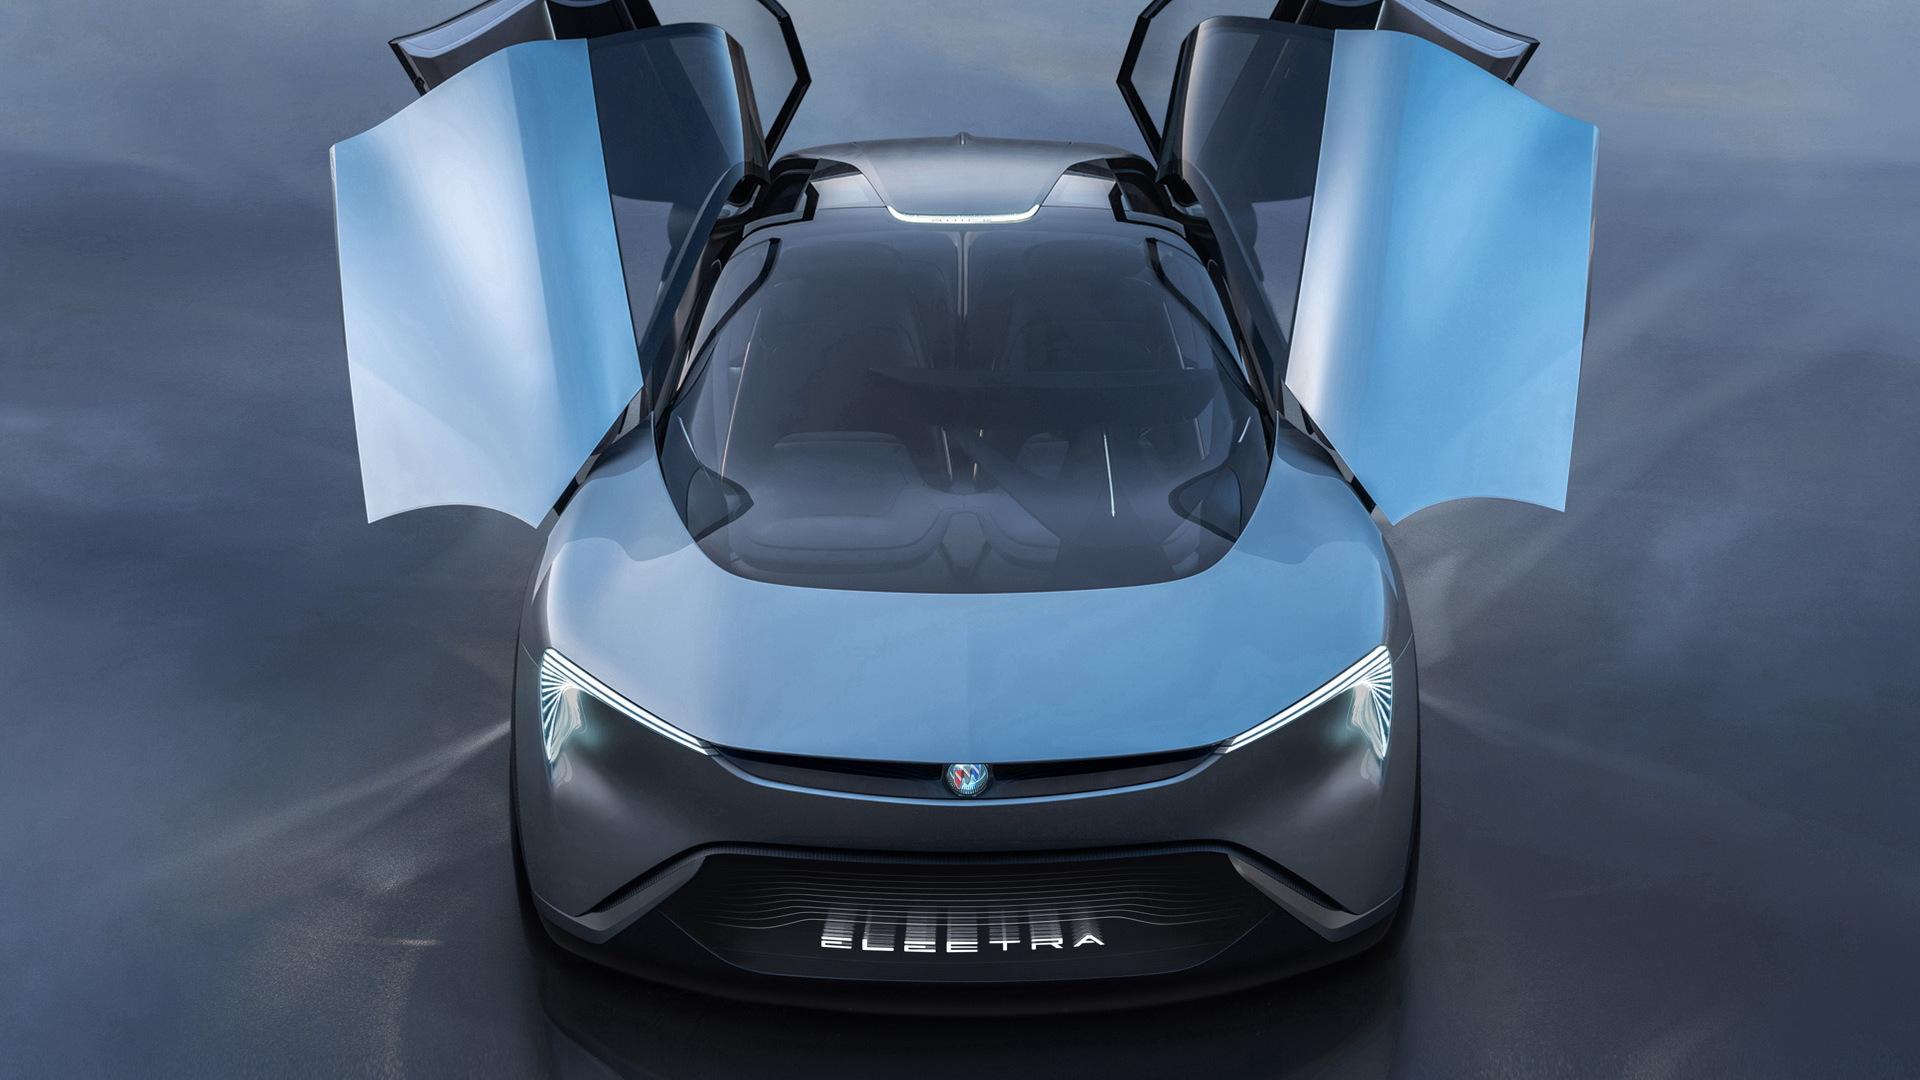 Buick Electra concept